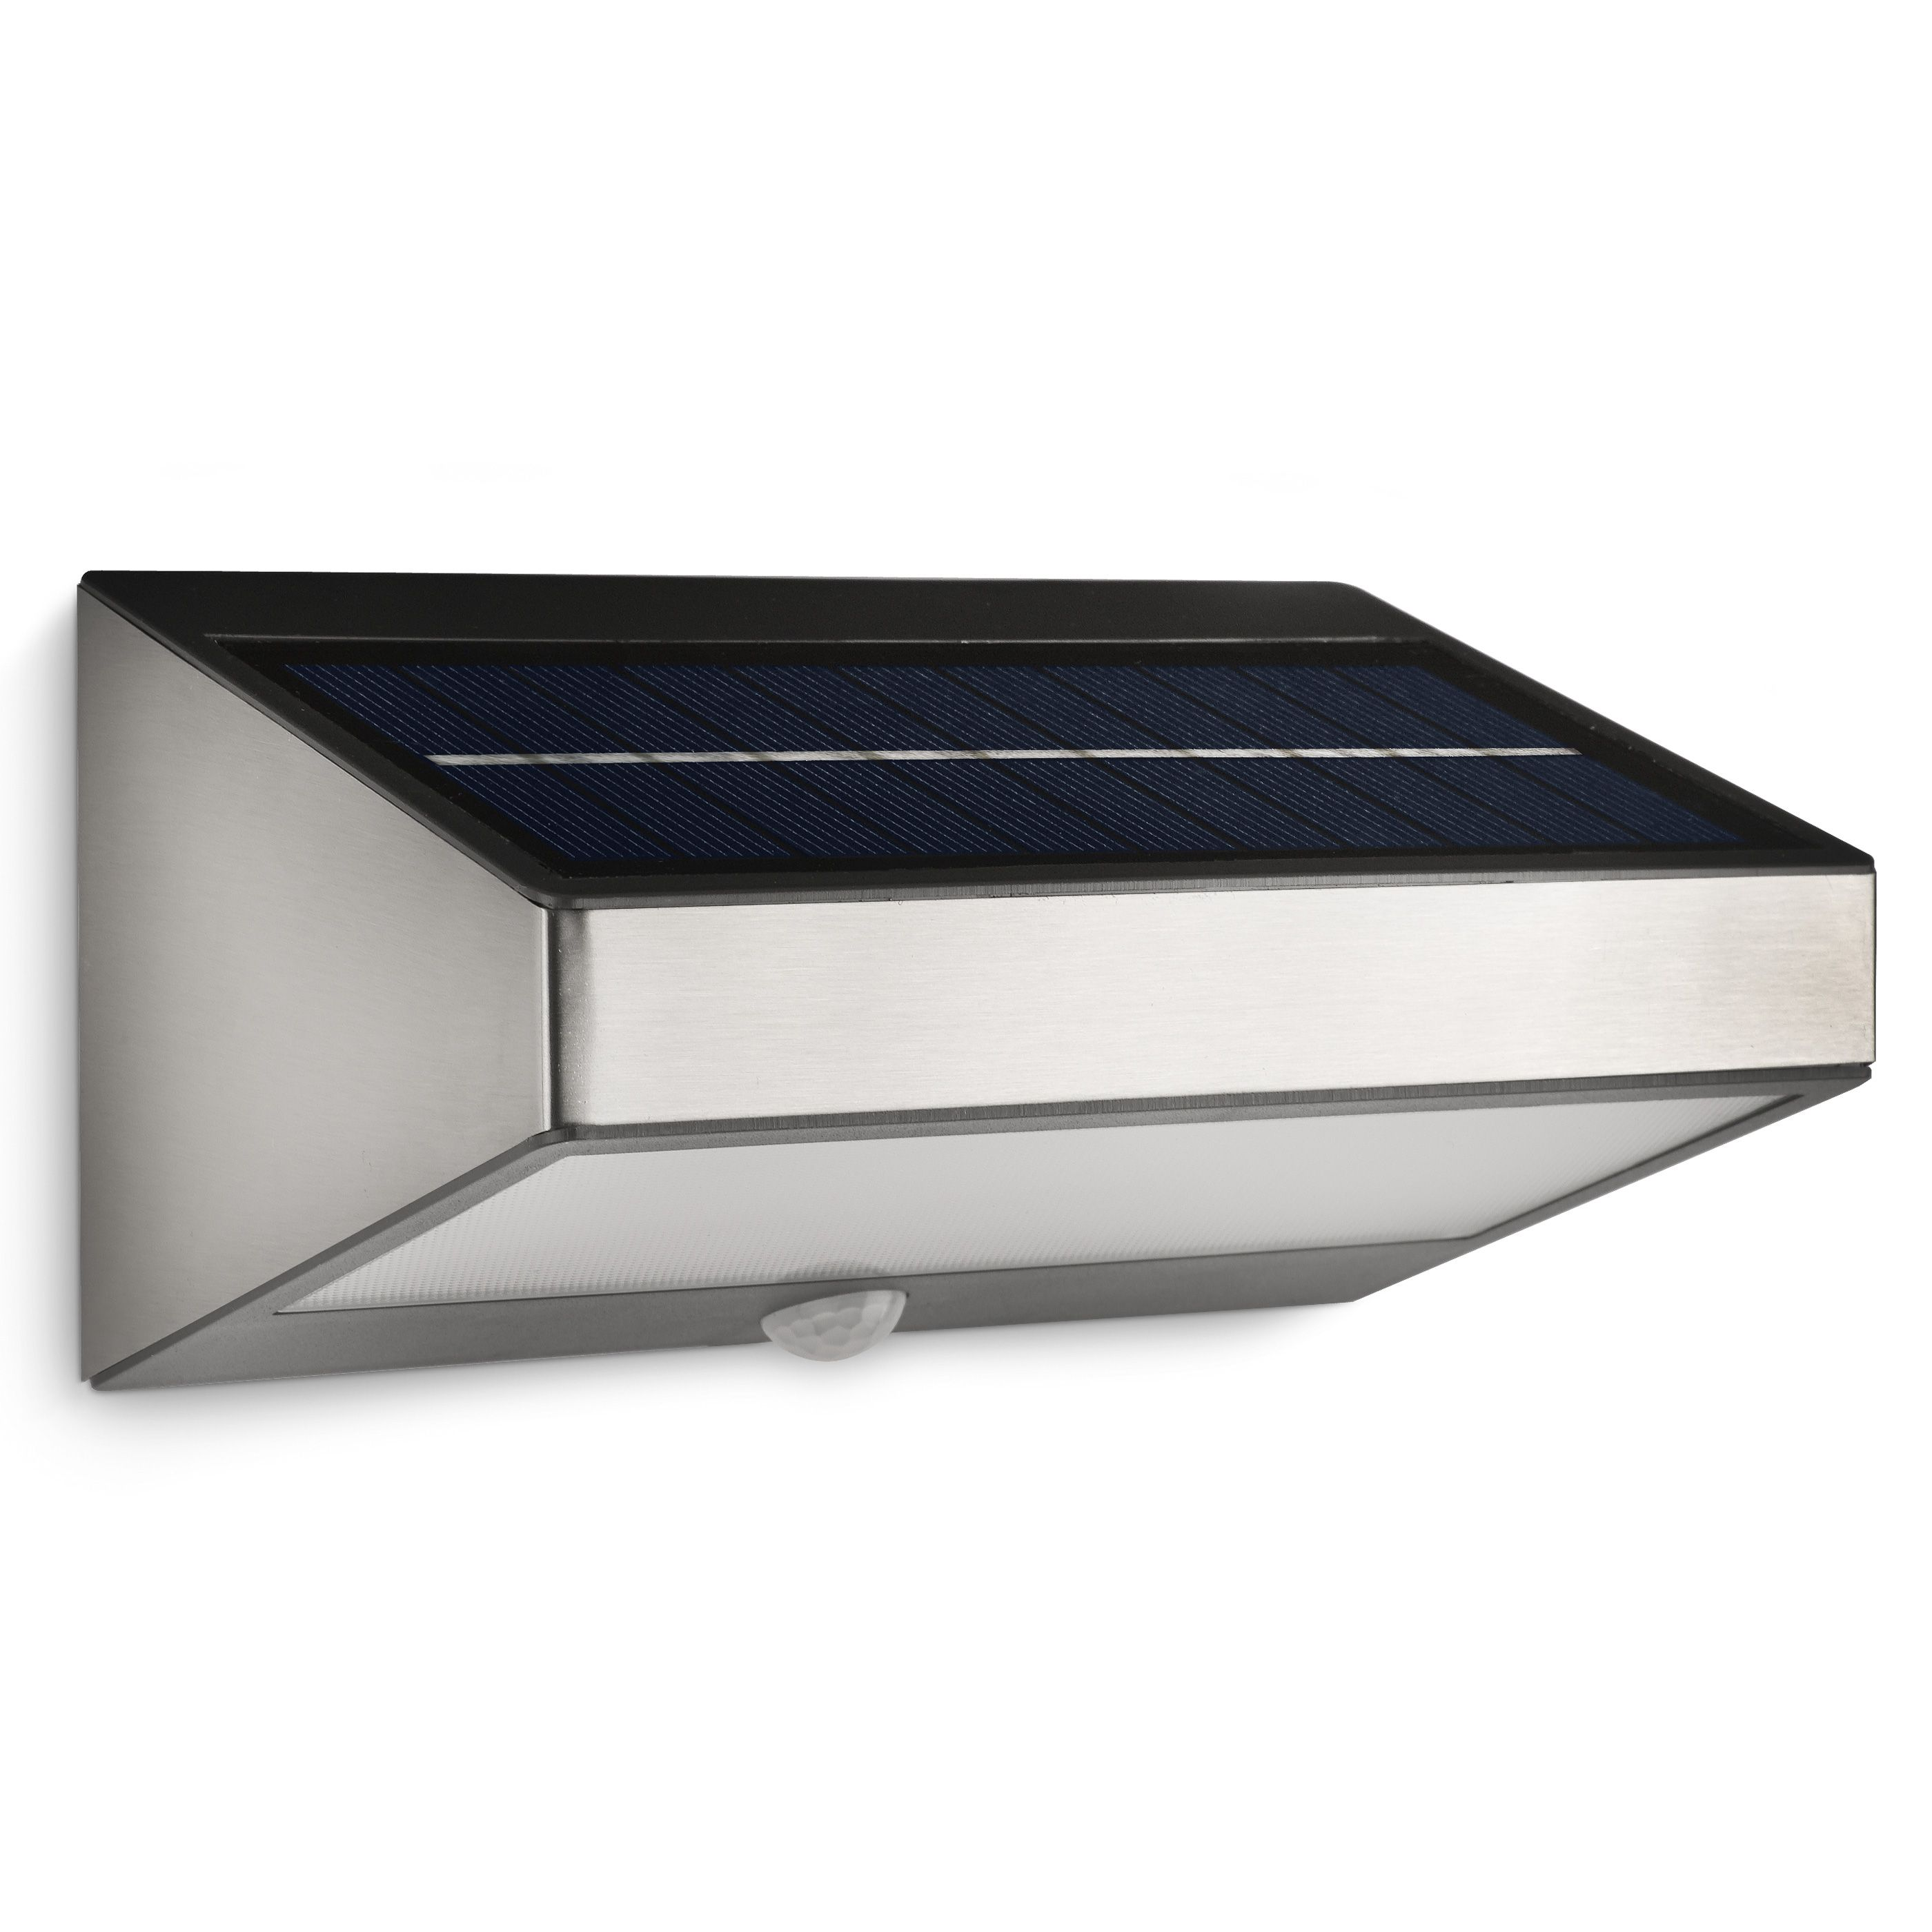 Philips Greenhouse buitenlamp met zonnecel en bewegingssensor